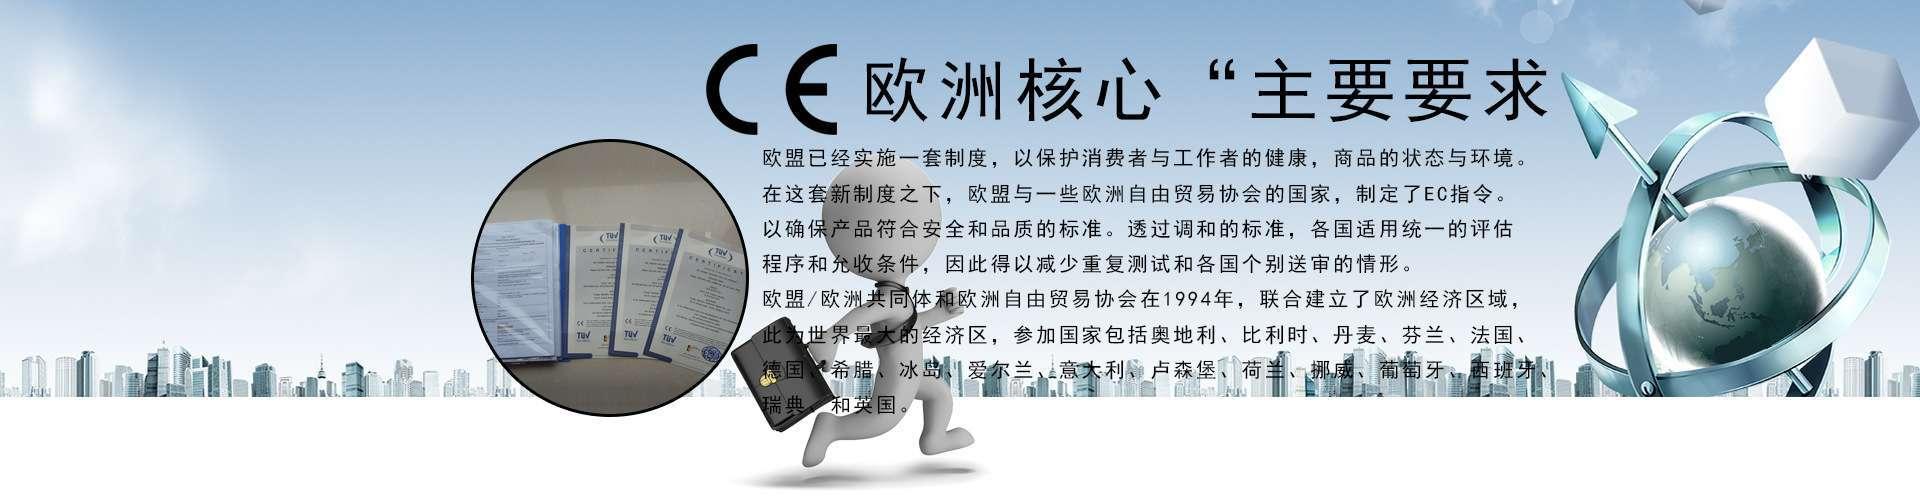 余姚市双盈信息科技有限公司